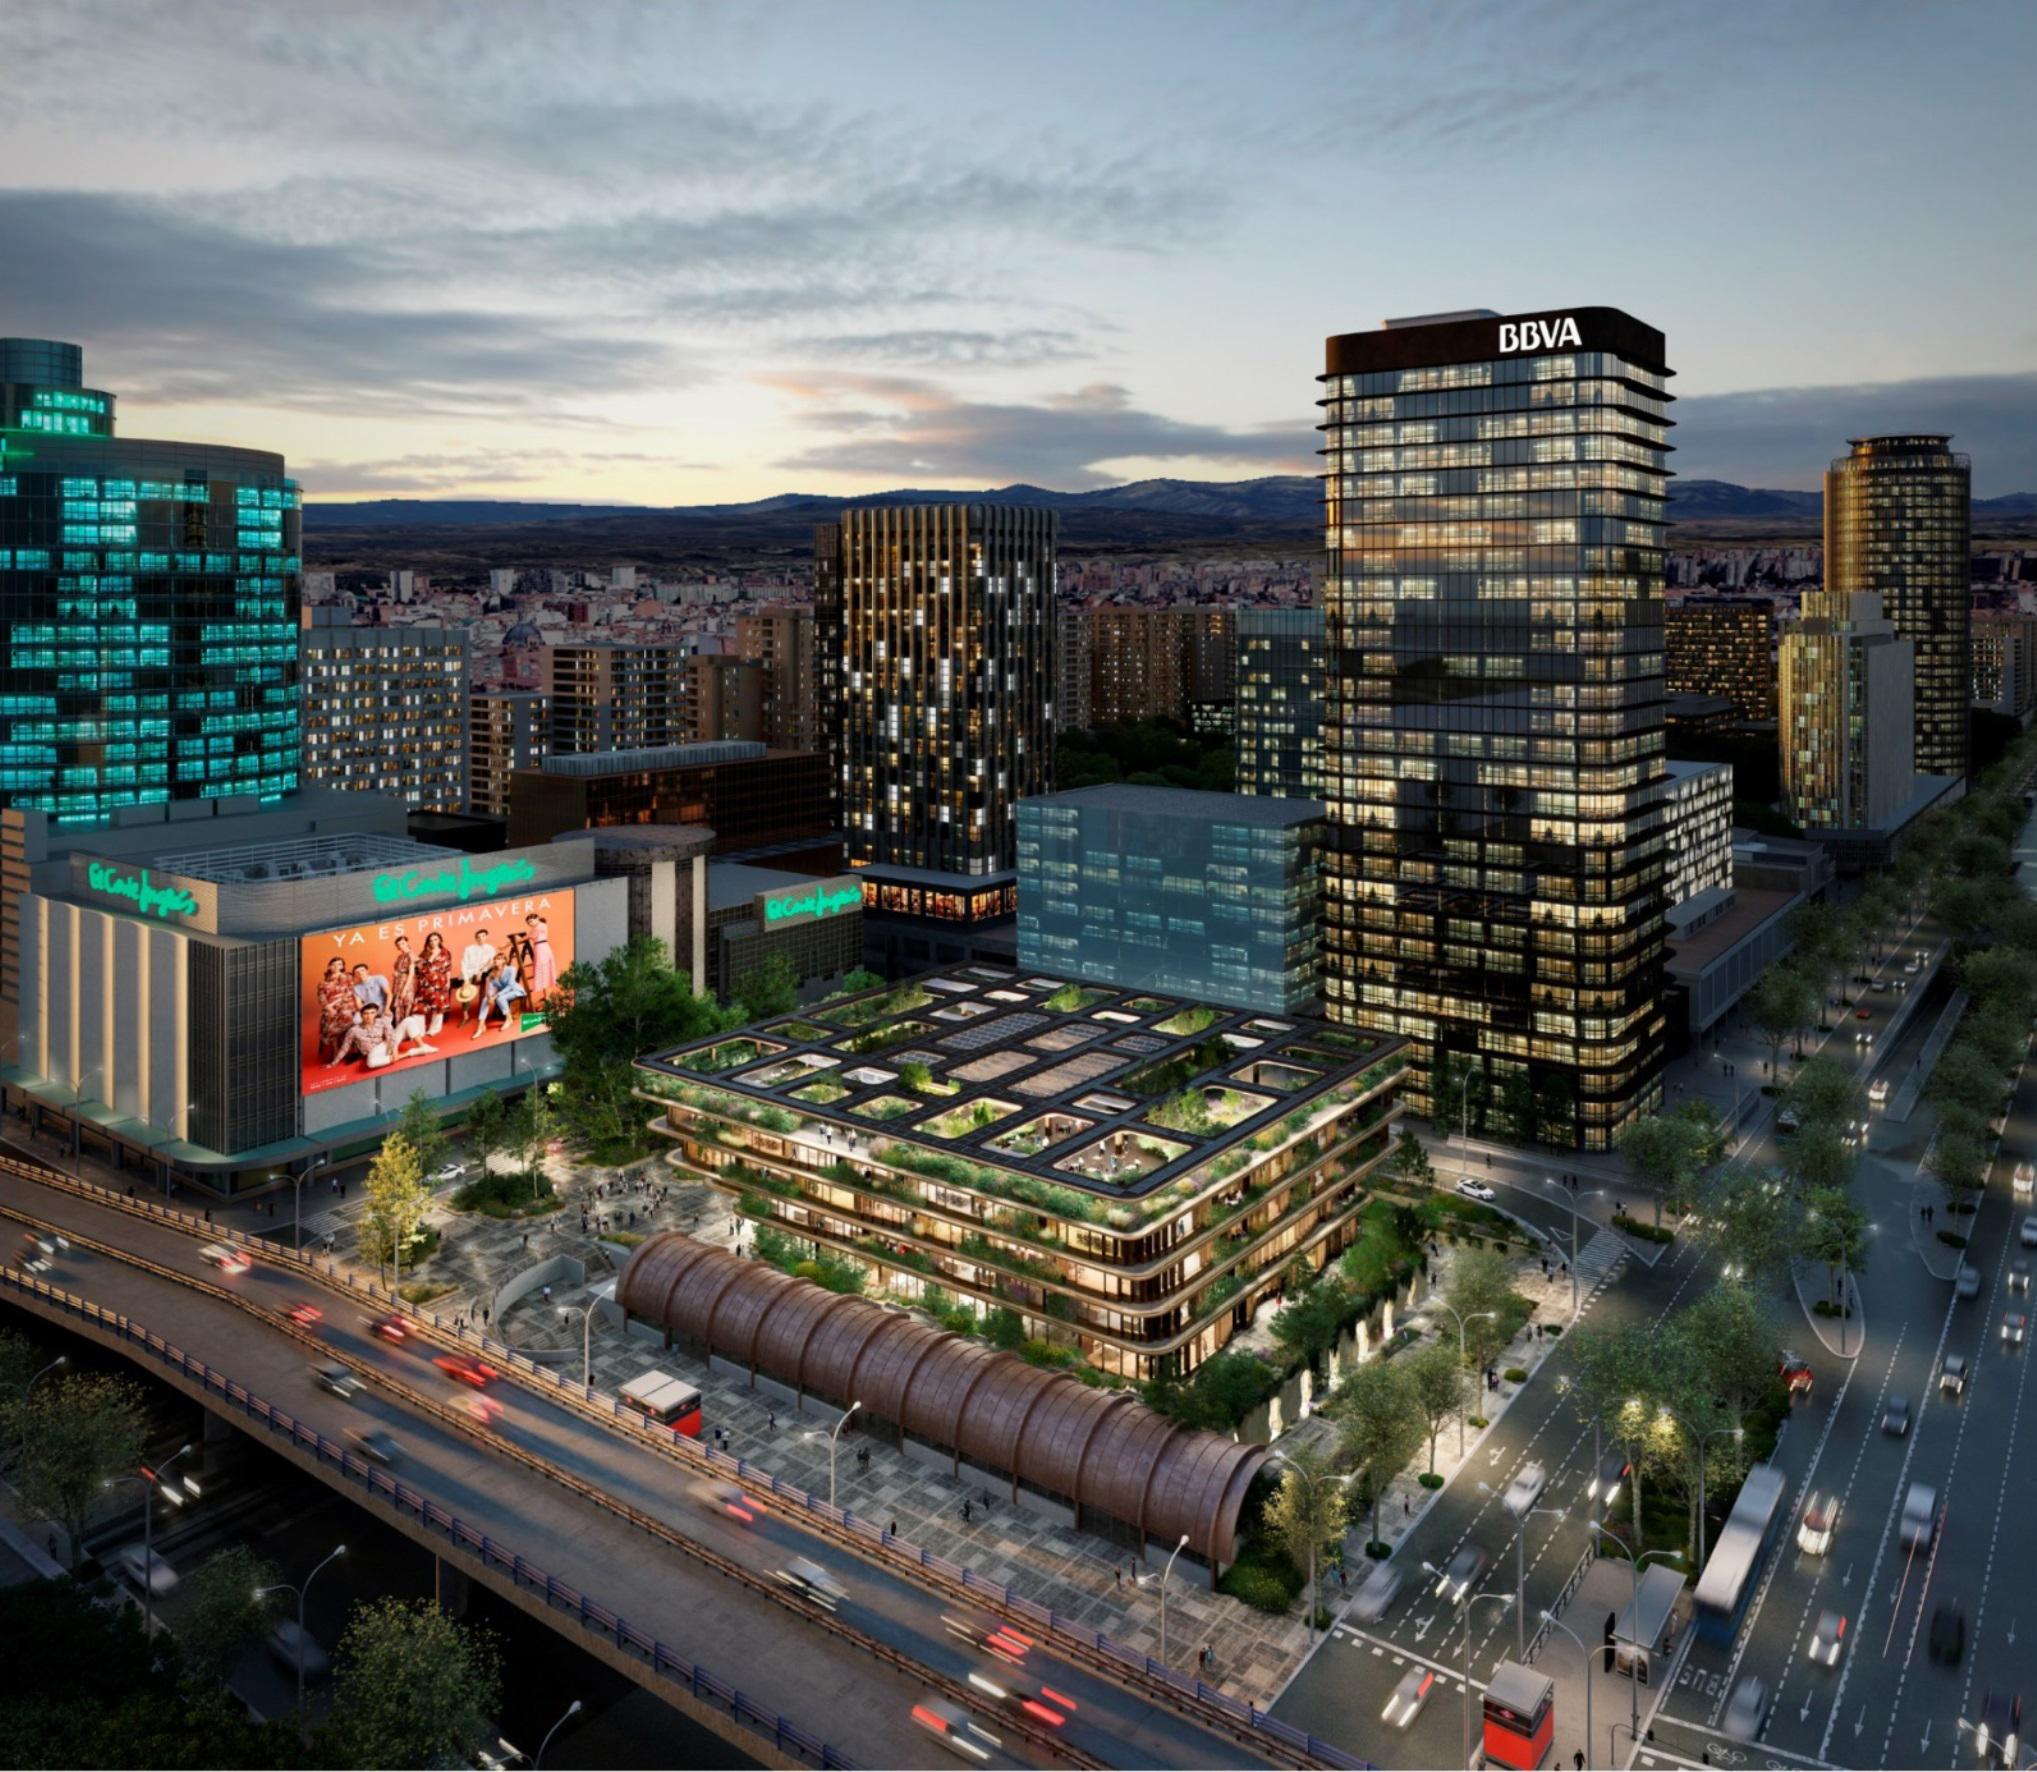 Vista panorámica del edificio.